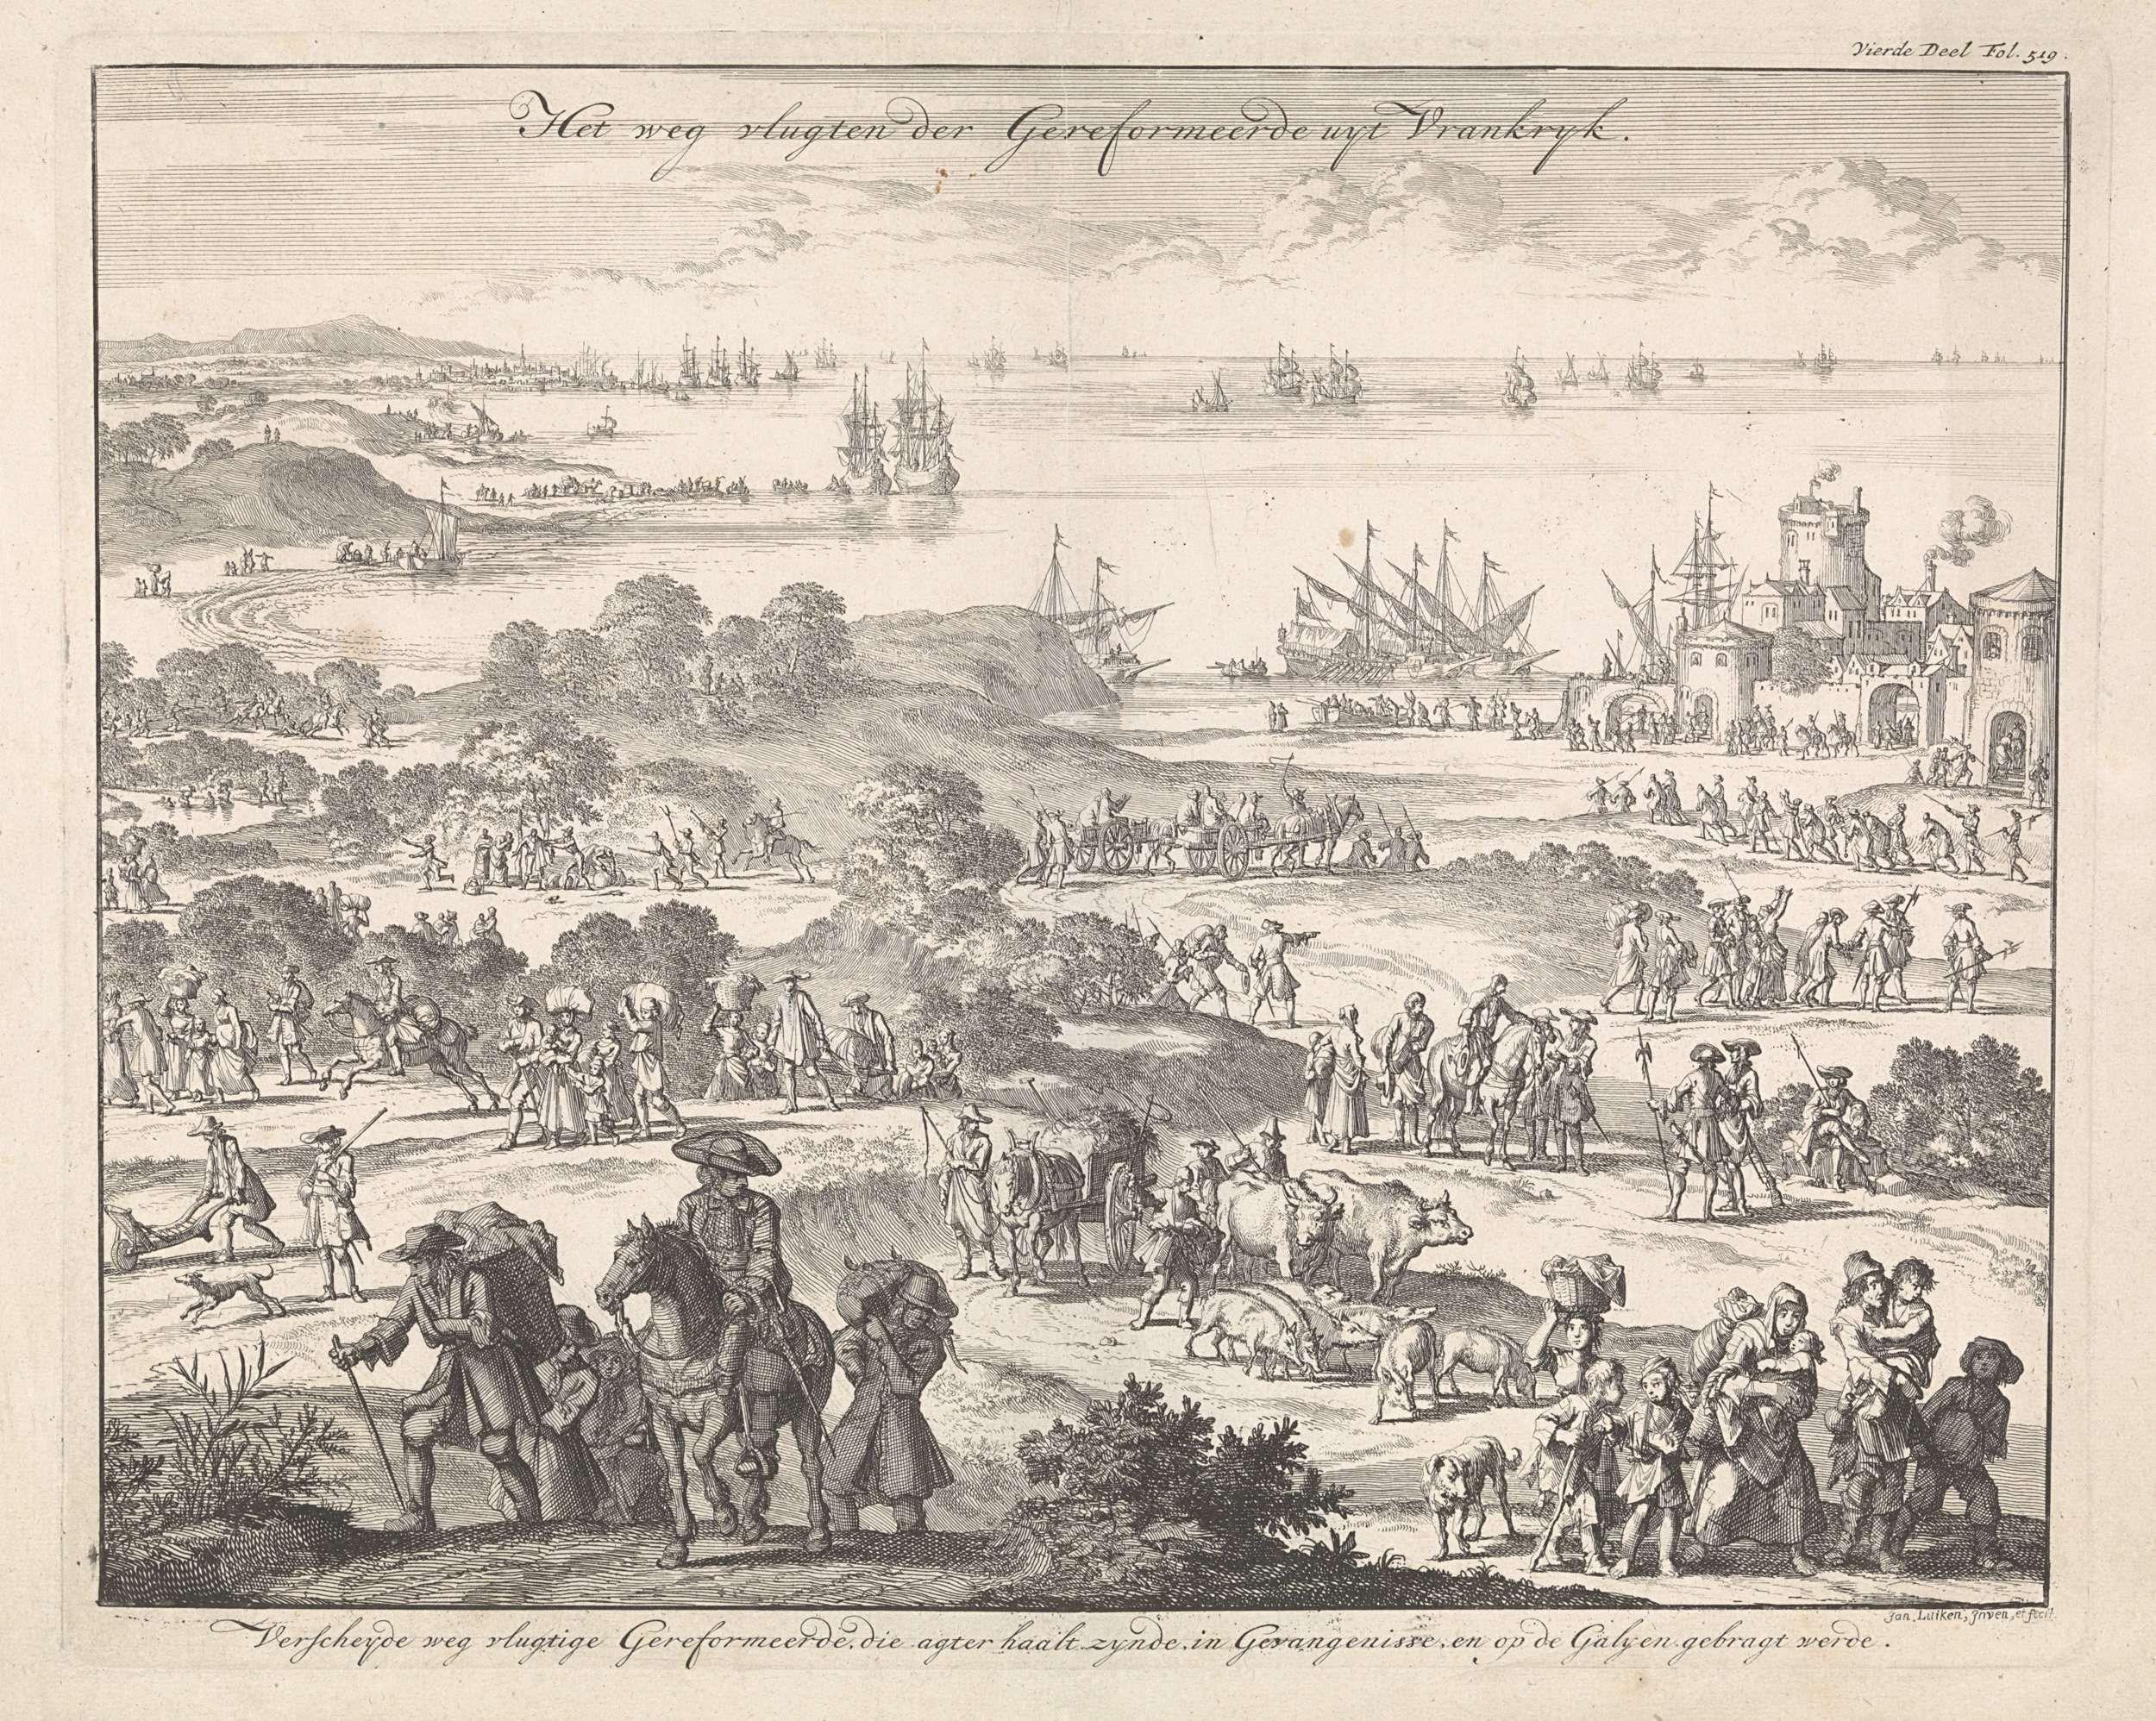 Jan Luyken | Protestanten vluchten uit Frankrijk na de herroeping van het Edict van Nantes, 1685-1686, Jan Luyken, 1696 | Prent rechtsboven gemerkt: Vierde Deel Fol. 519.